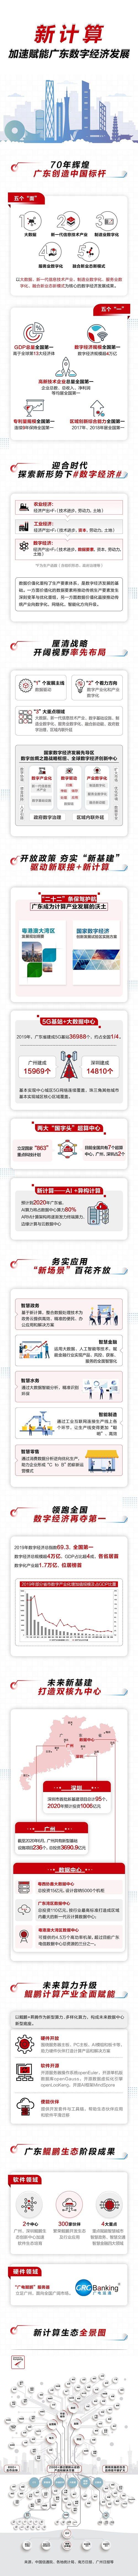 图解:新计算加速赋能广东数字经济发展